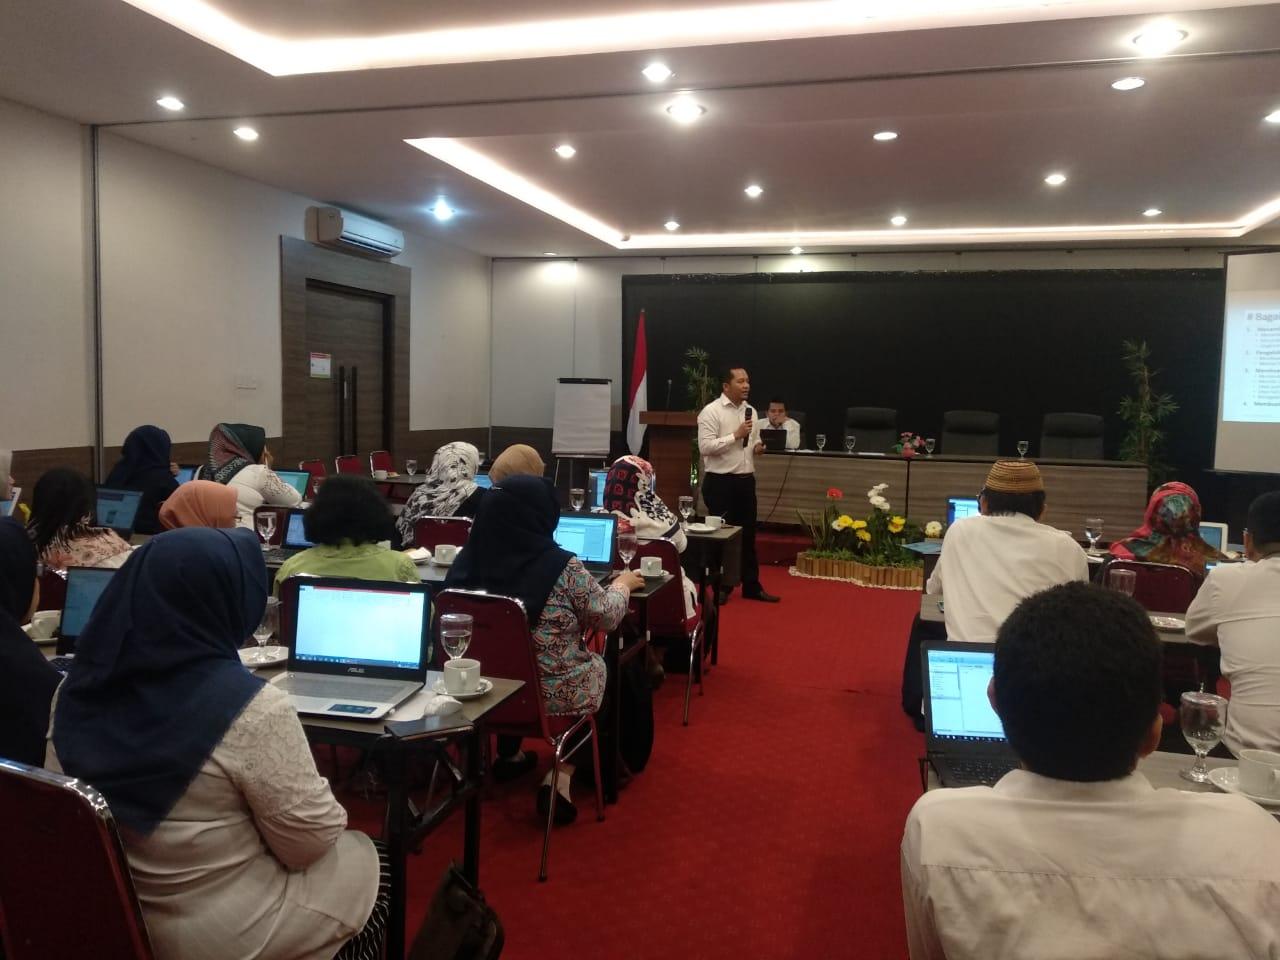 Tingkatkan Kompetensi Dosen, Prodi S1 Perbankan Syariah FEBI UIN Walisongo  Adakan Pelatihan Mendeley dan Tutorial PPT Inovatif